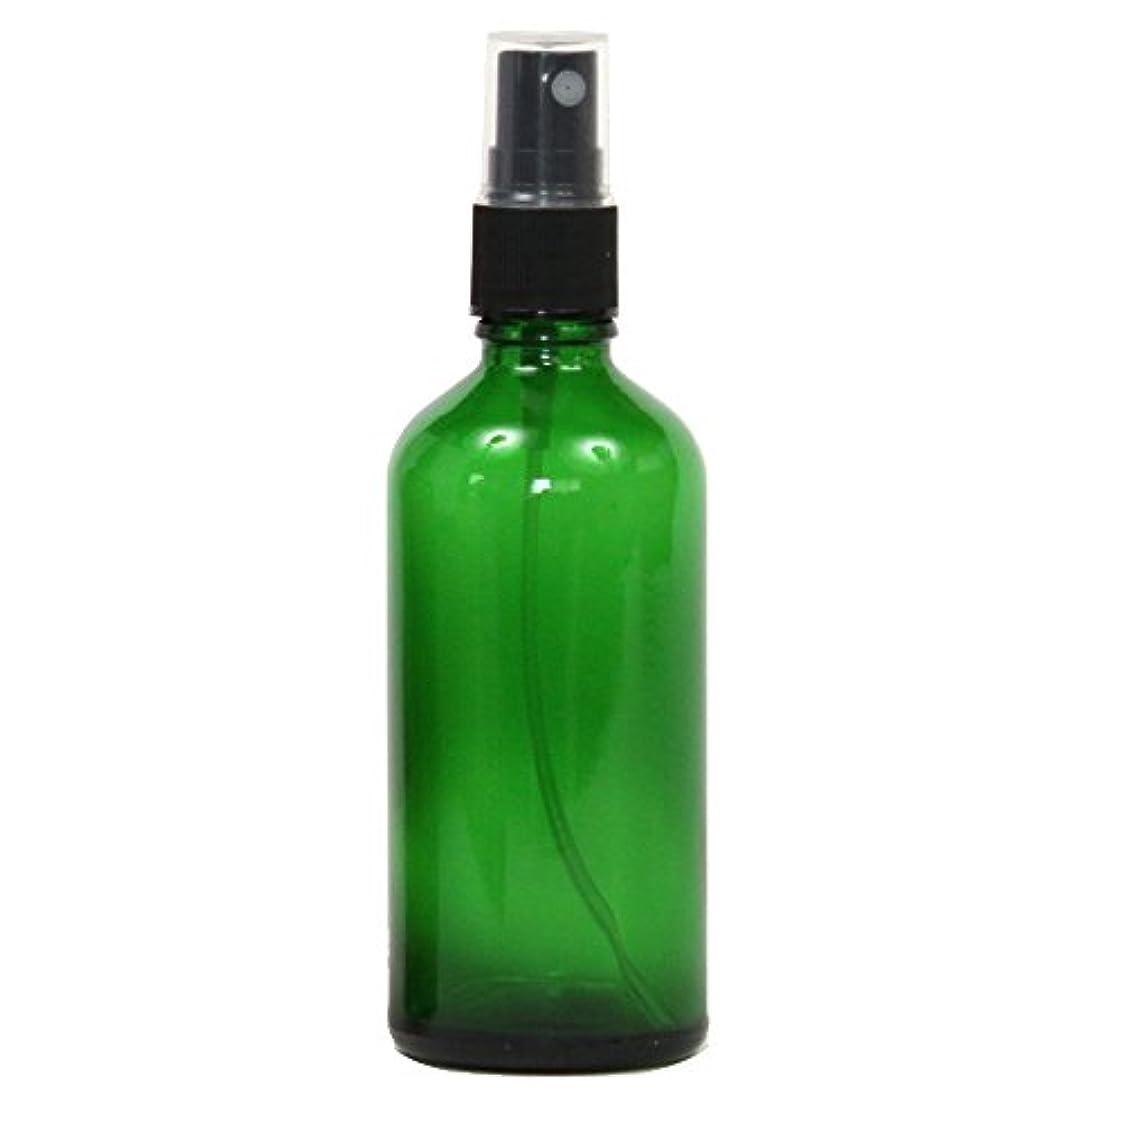 部分子羊不均一スプレーボトル ガラス瓶 100mL 遮光性グリーン ガラスアトマイザー 空容器